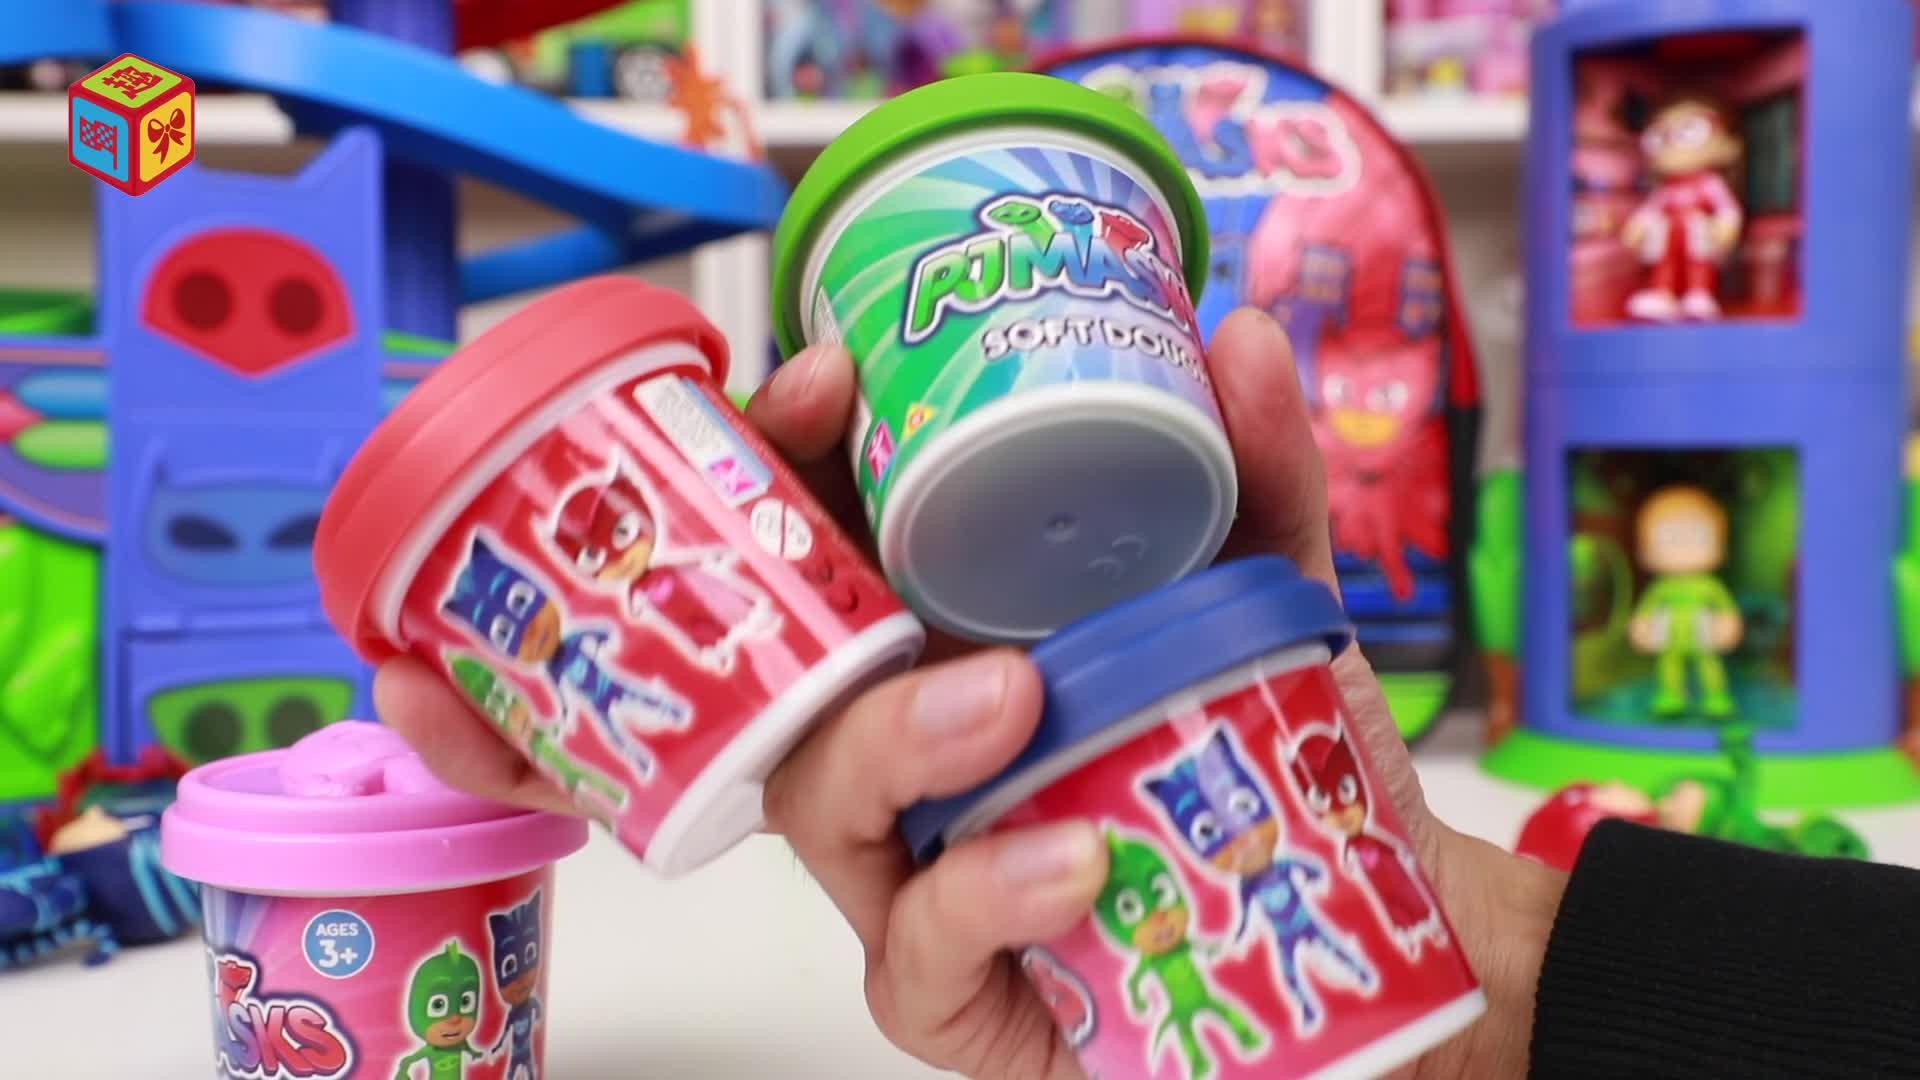 睡衣小英雄彩泥手工制作飞壁侠猫头鹰女胸标 pjmasks玩具大全-.